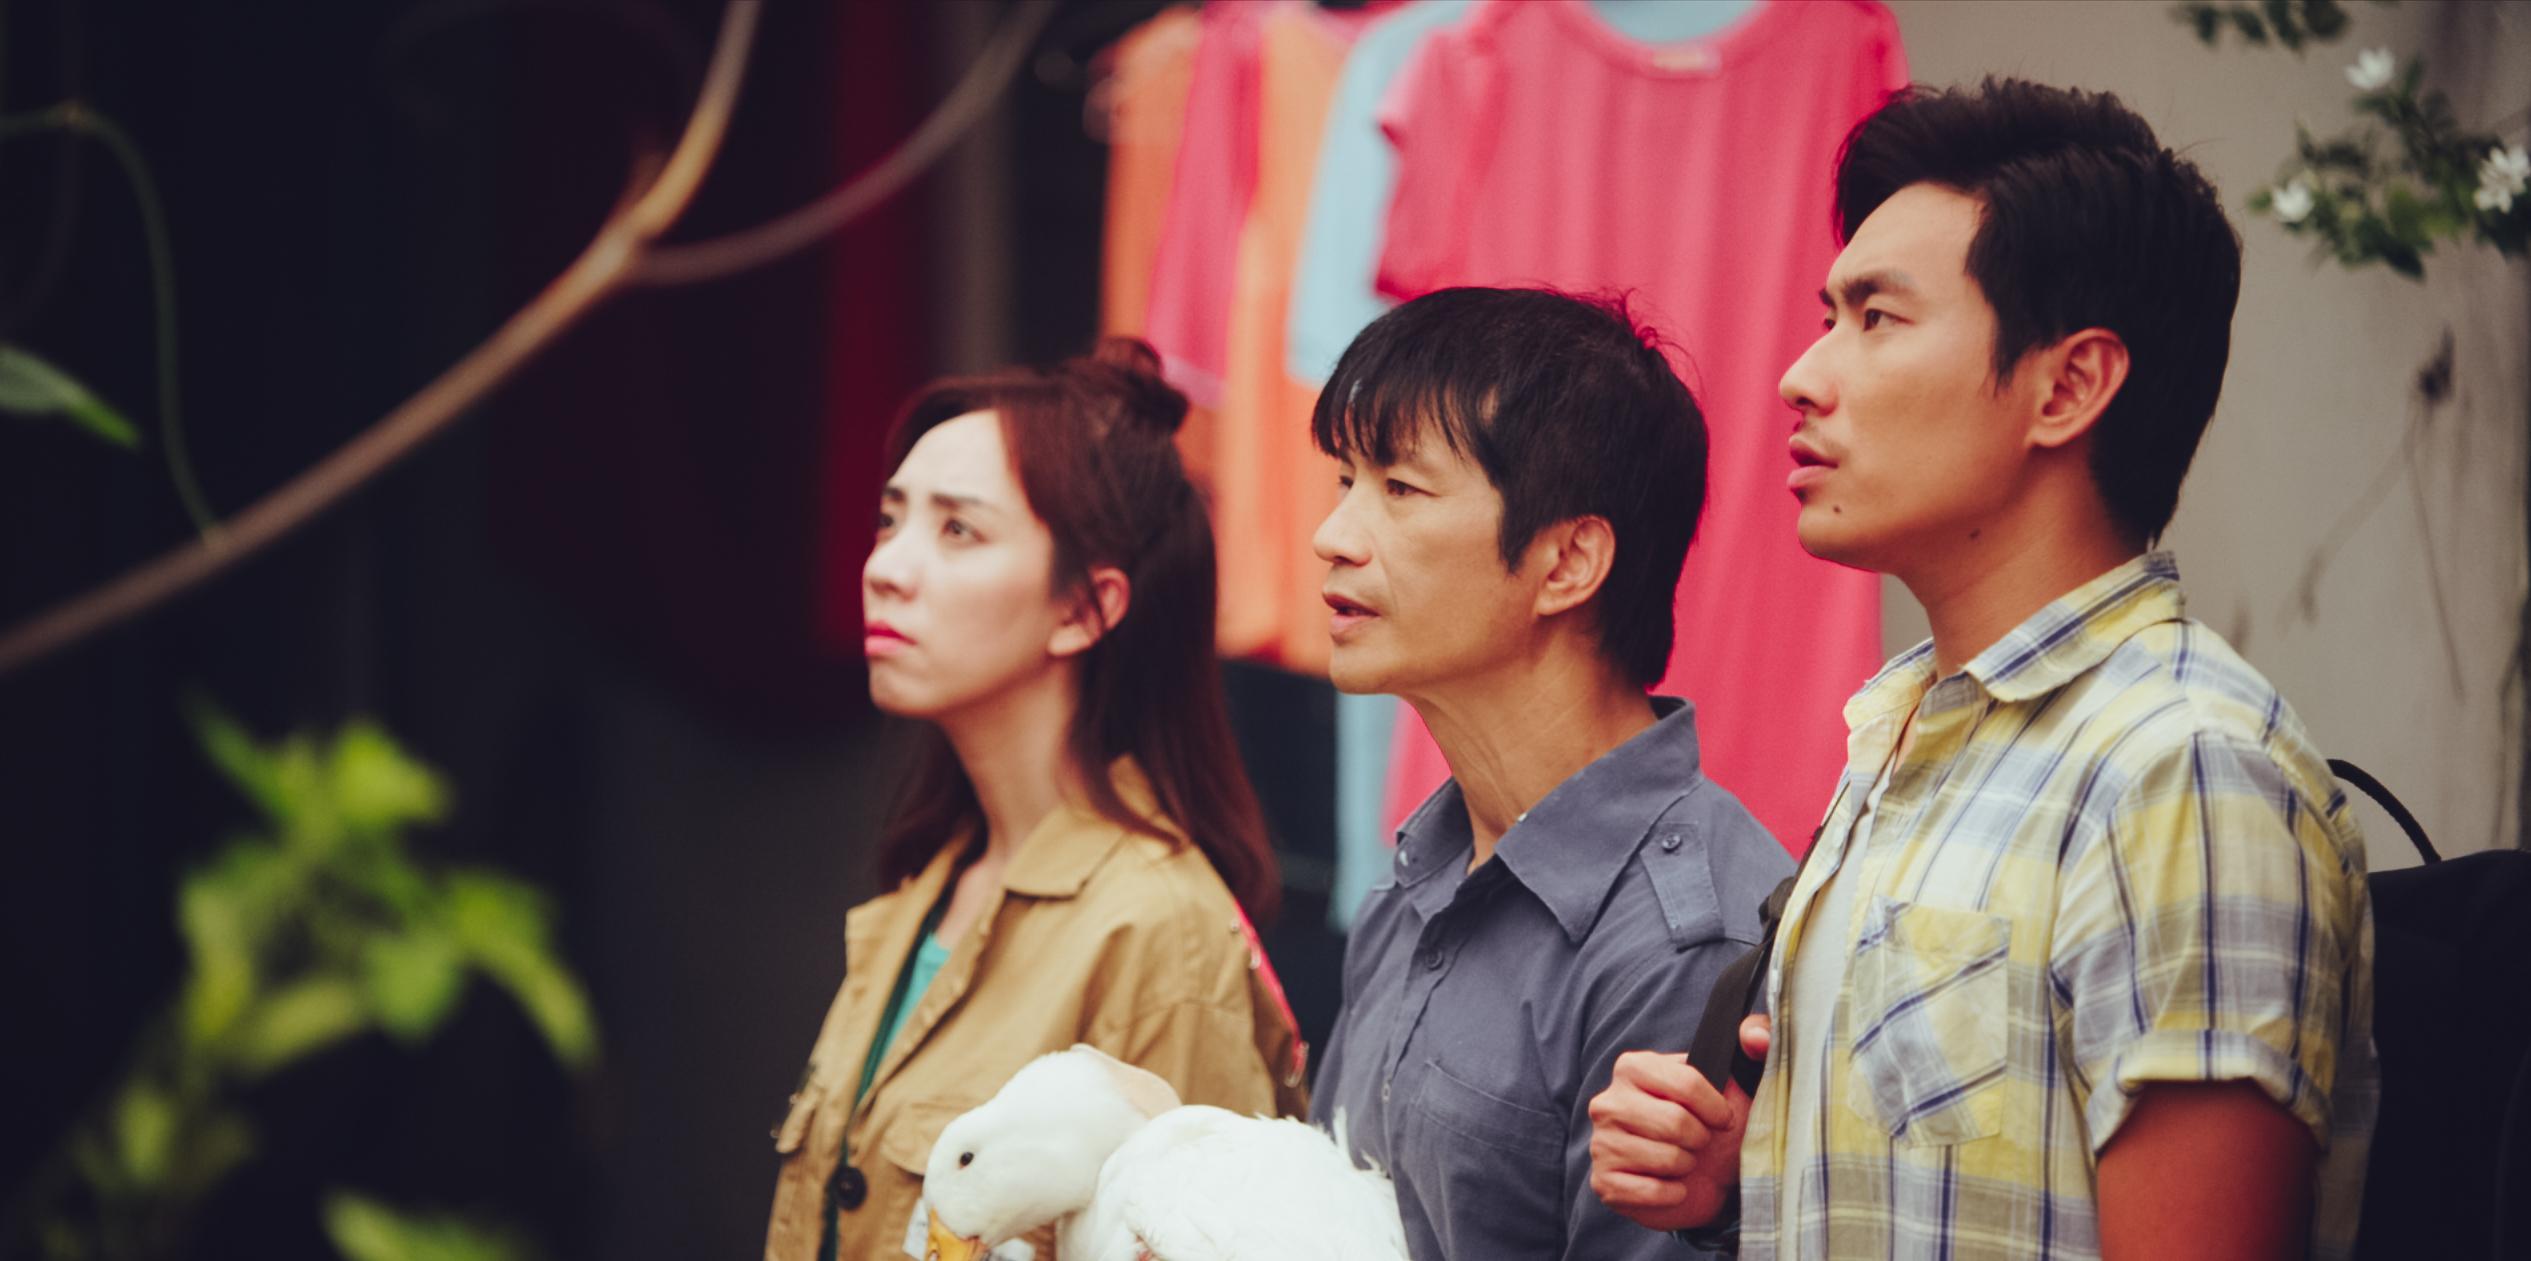 Kiều Minh Tuấn và đồng bọn quậy tưng bừng rạp chiếu phim dịp Tết-5